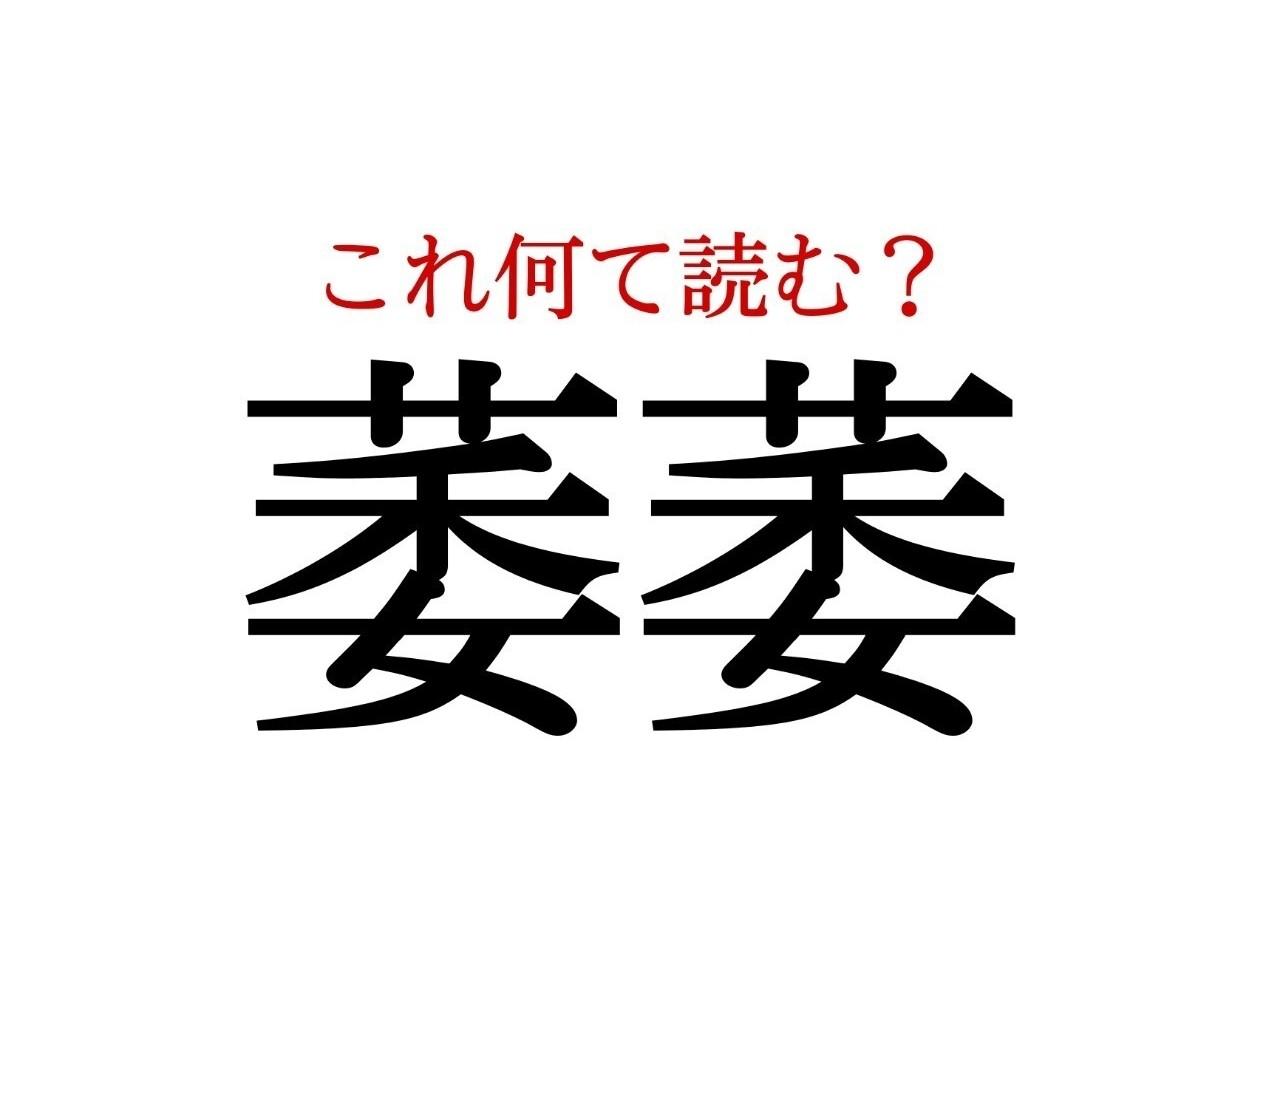 「萎萎」:この漢字、自信を持って読めますか?【働く大人の漢字クイズvol.300】